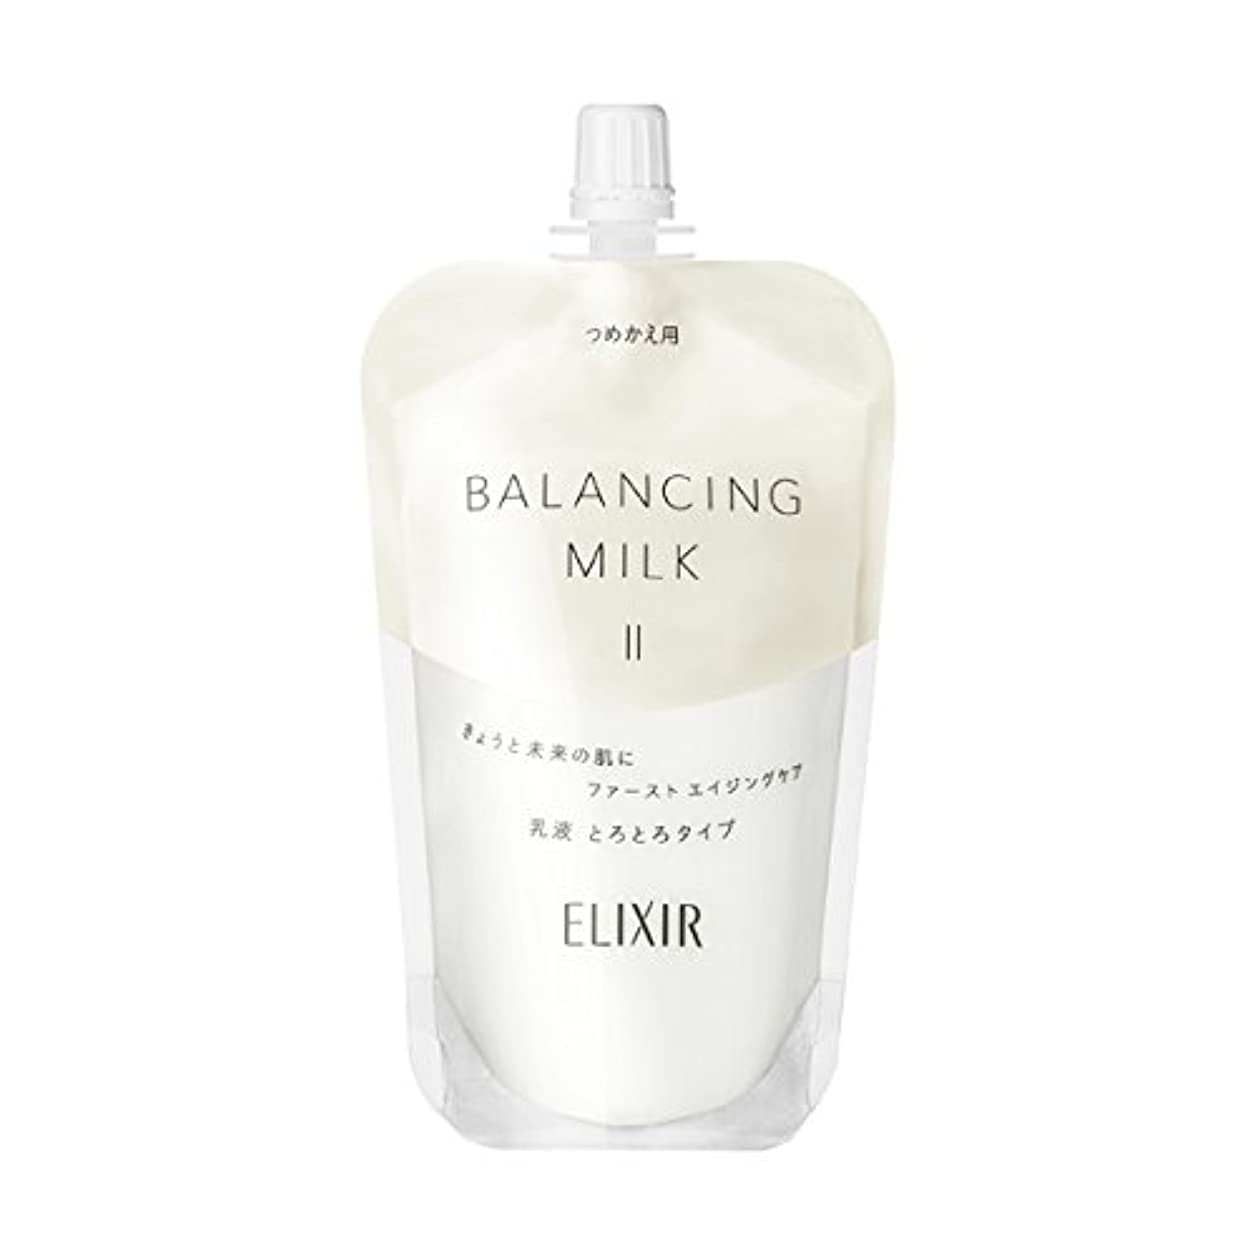 八百屋さんトーン抵抗力があるエリクシール ルフレ バランシング ミルク 乳液 2 (とろとろタイプ) (つめかえ用) 110mL